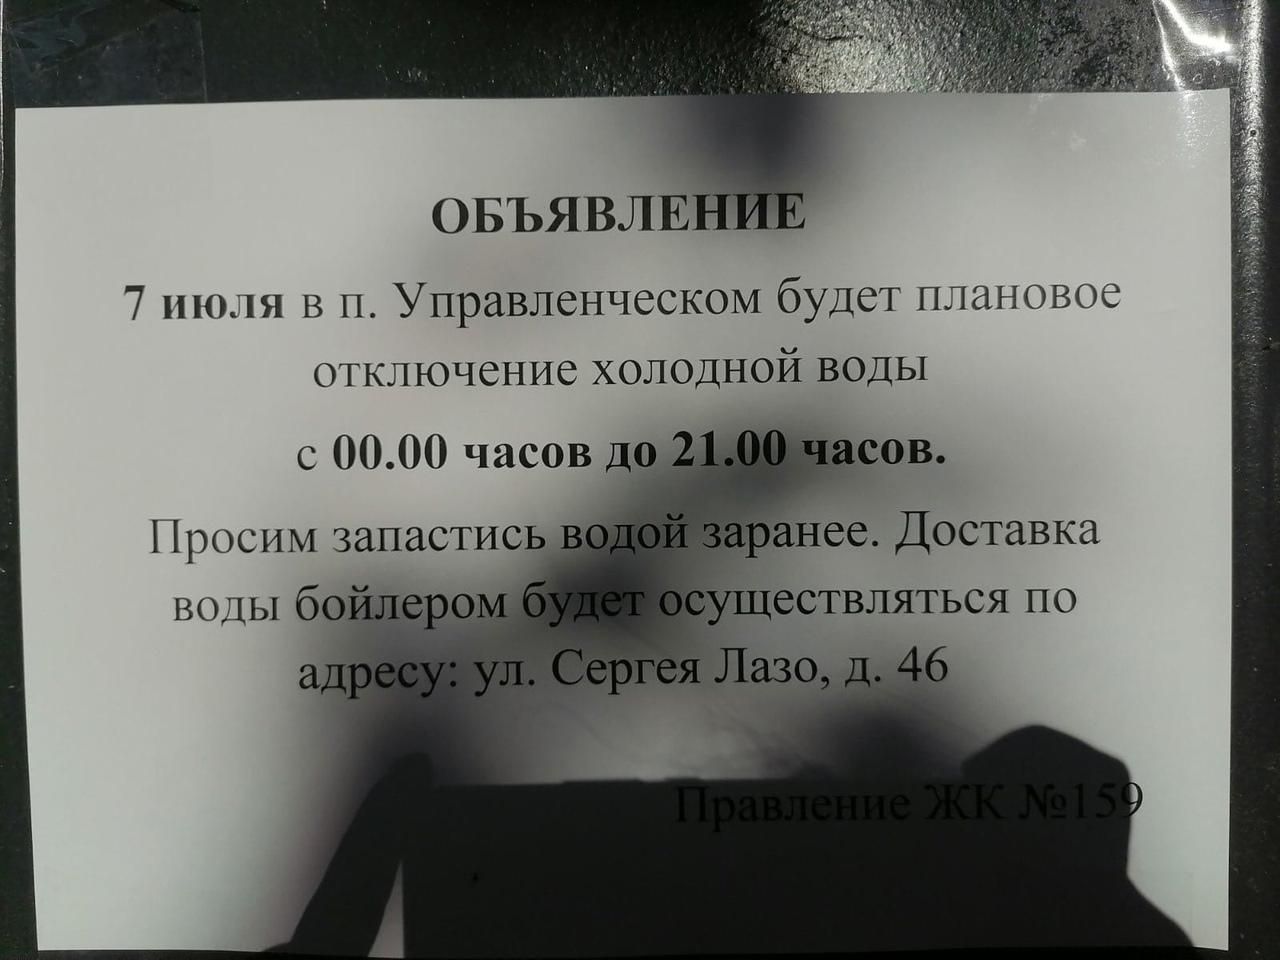 В поселке Управленческий в Самаре 7 июля 2021 года отключат холодную воду